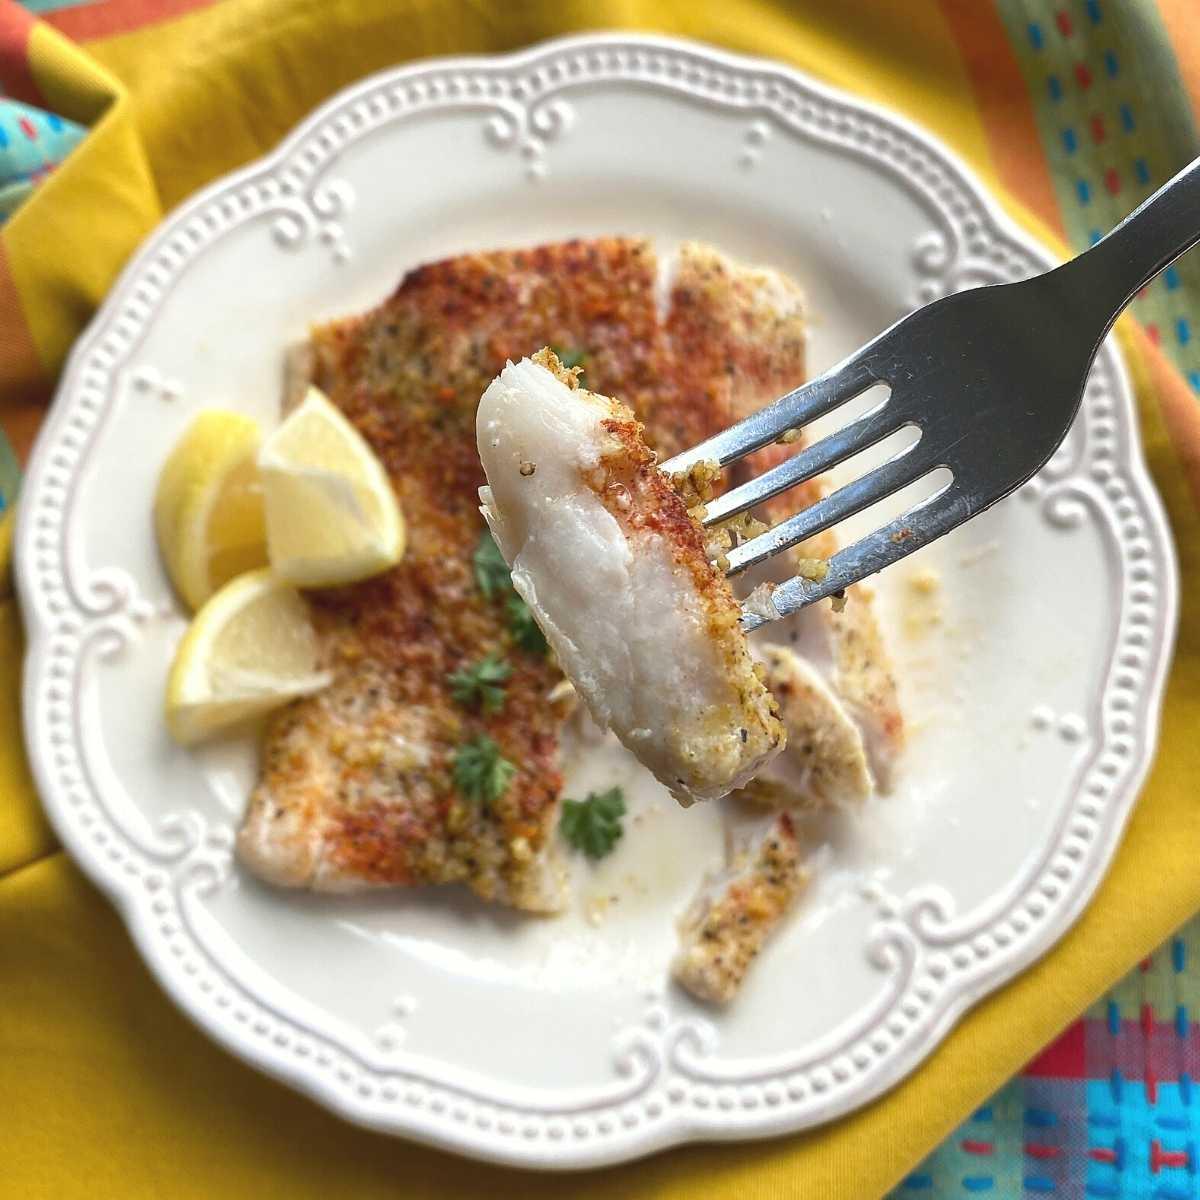 Fork com uma picada de filete de corvina em flocos.